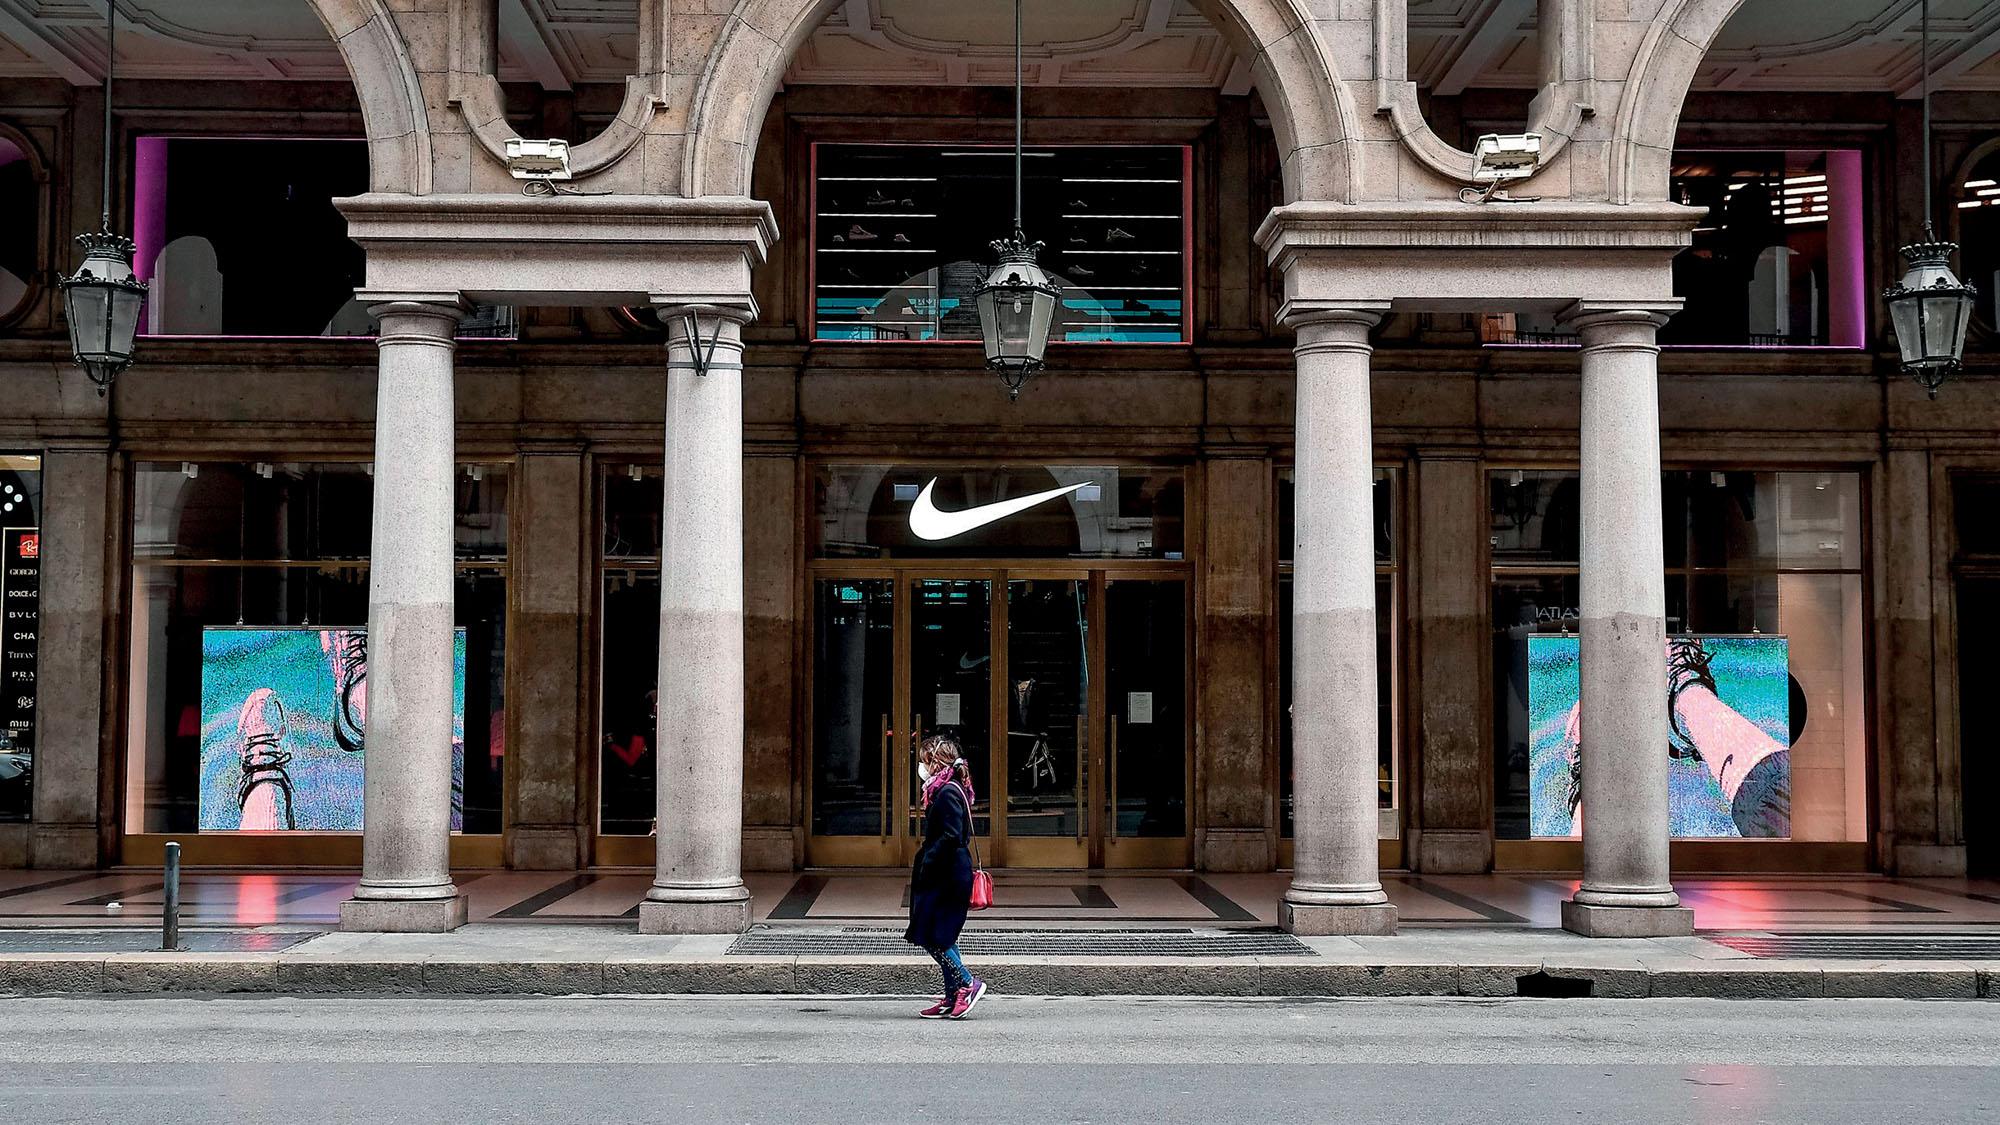 Tình hình ngành thời trang - Cửa hàng Nike